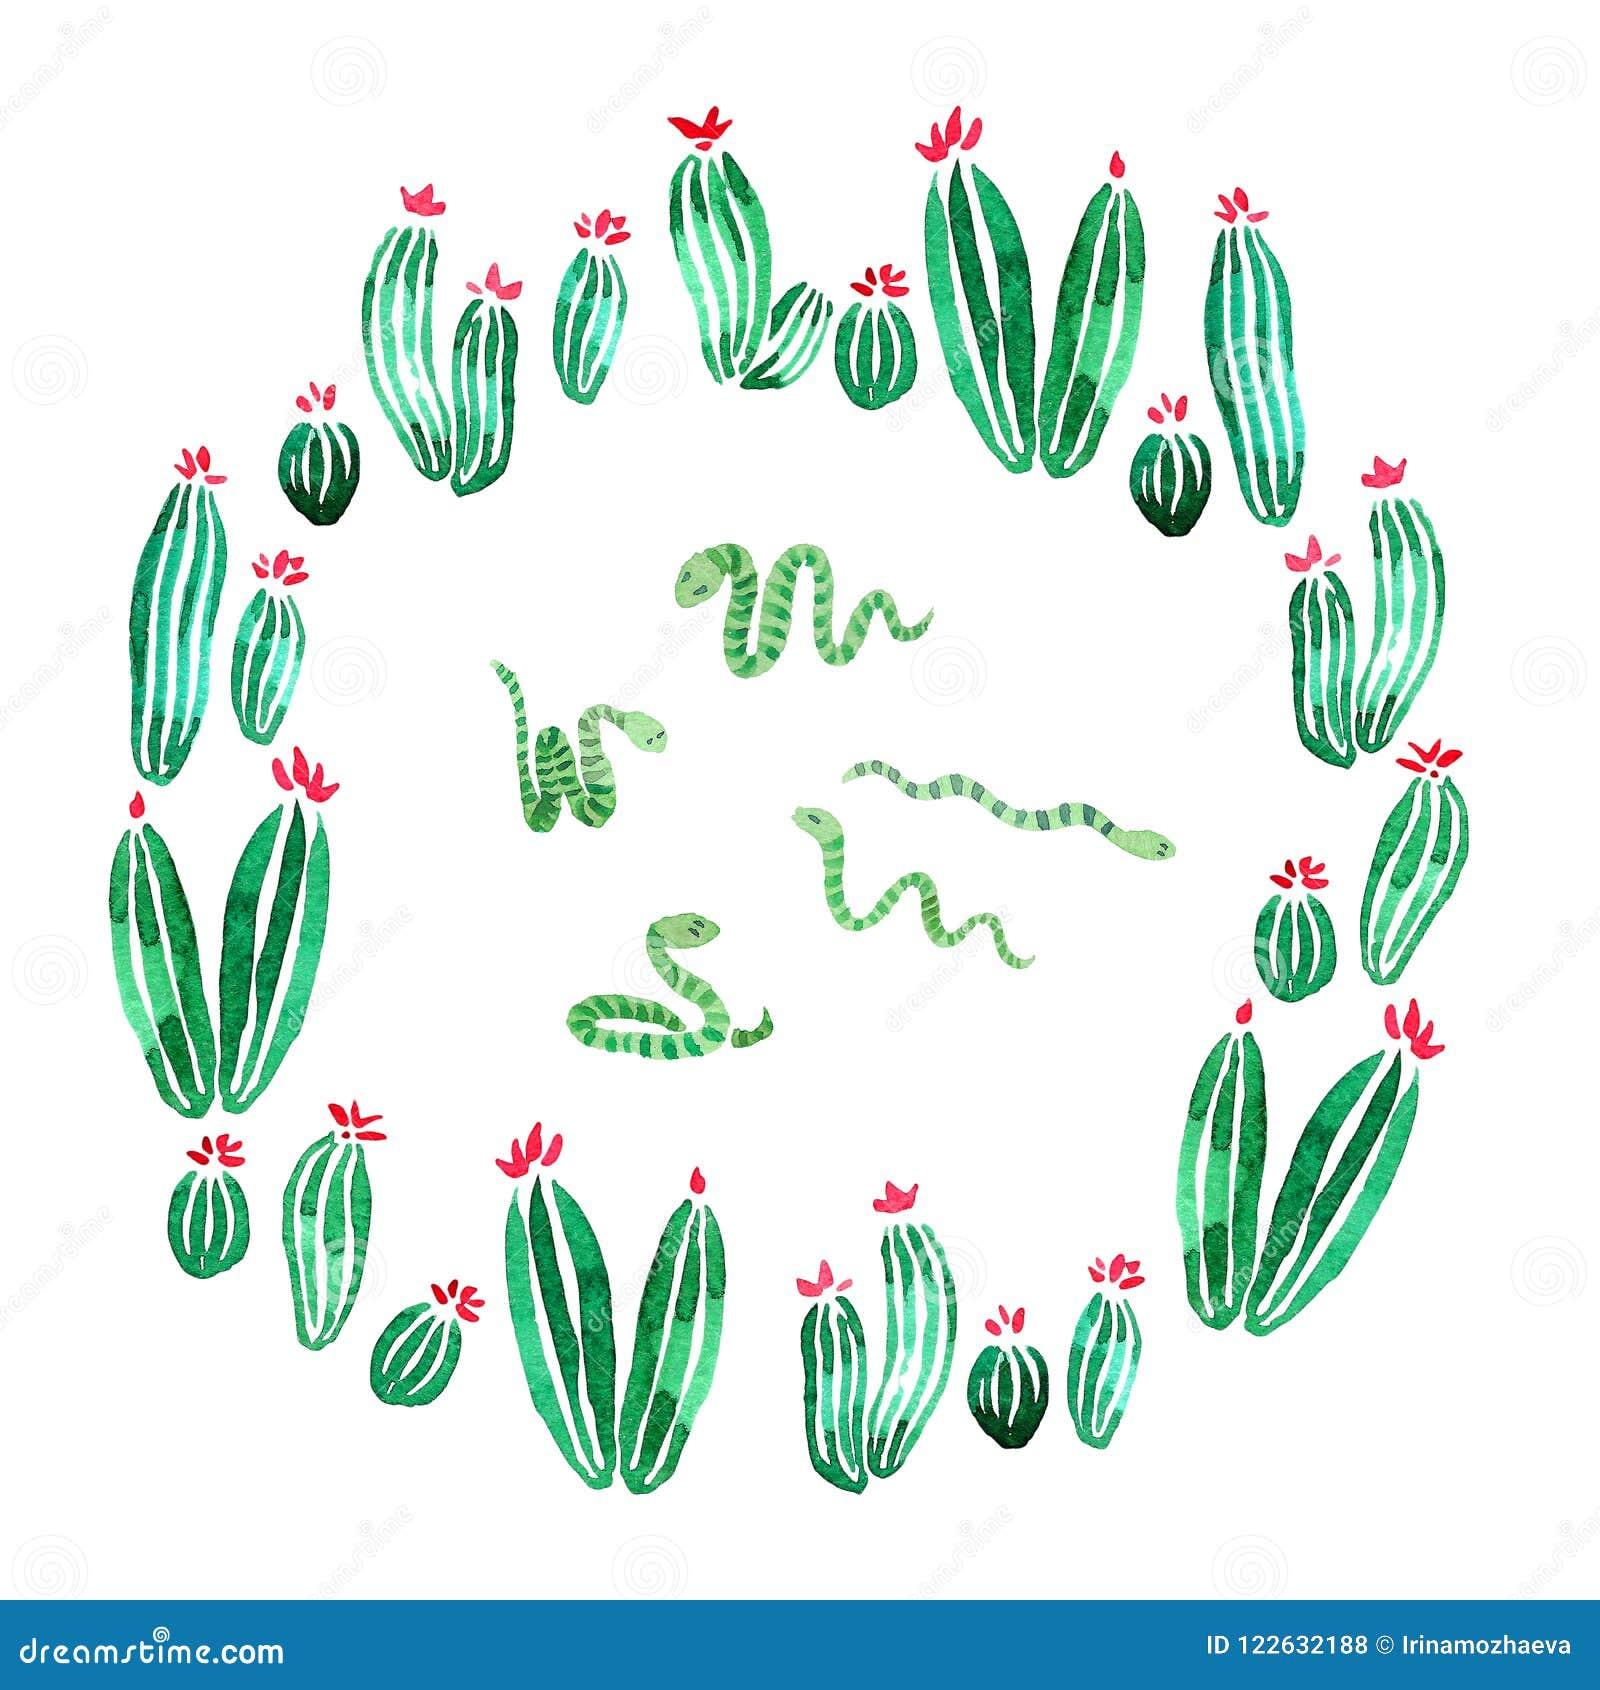 Groene slangen in een de waterverfillustratie van de cactussencirkel op wit